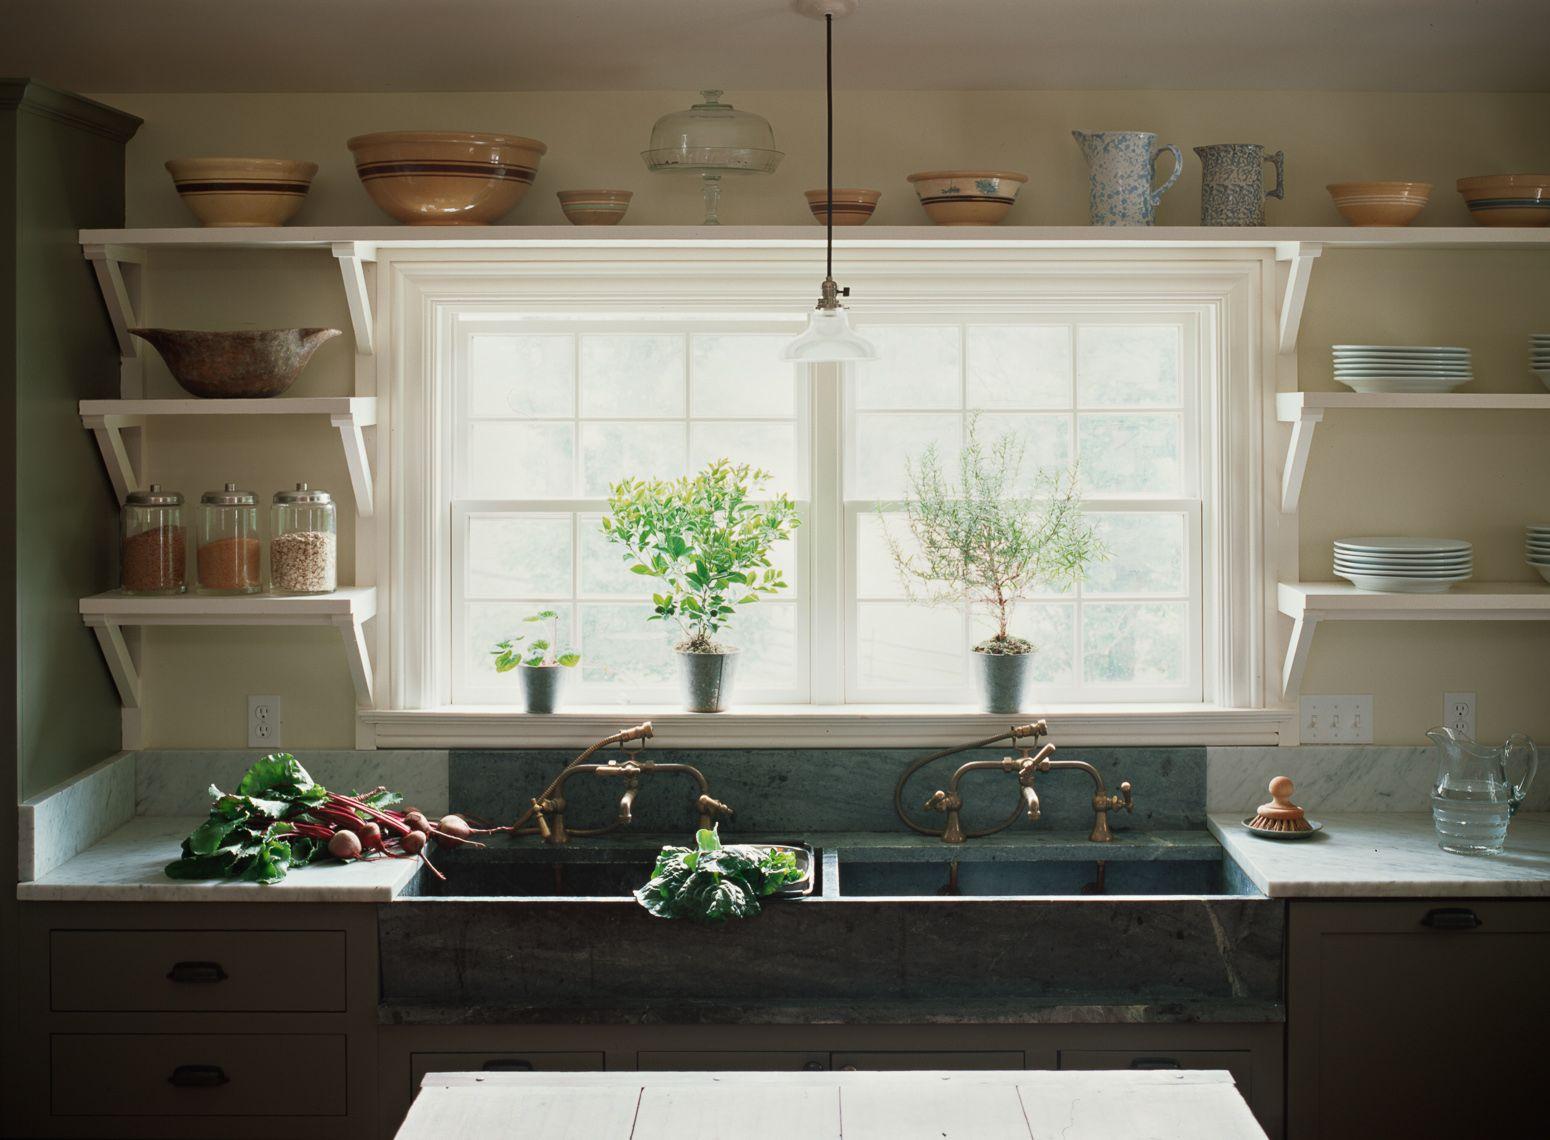 Kitchen sink window decor  kitchen  side by side sinks  design  inspiration  pinterest